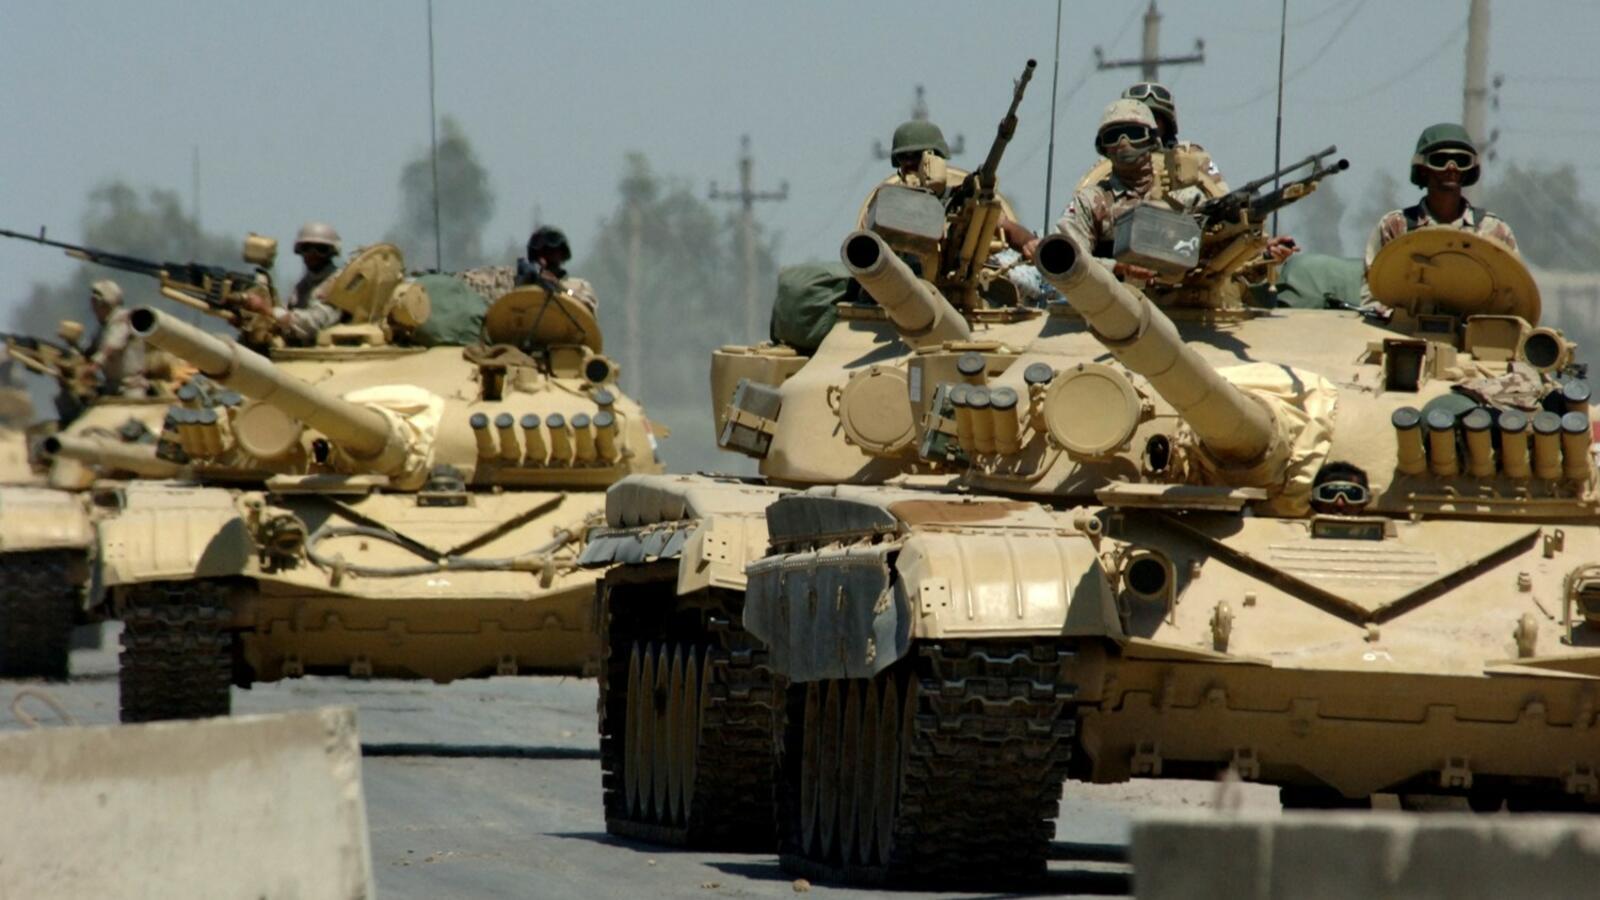 الكويت تتسلم  270 مليون دولار تعويضات من العراق عن الغزو